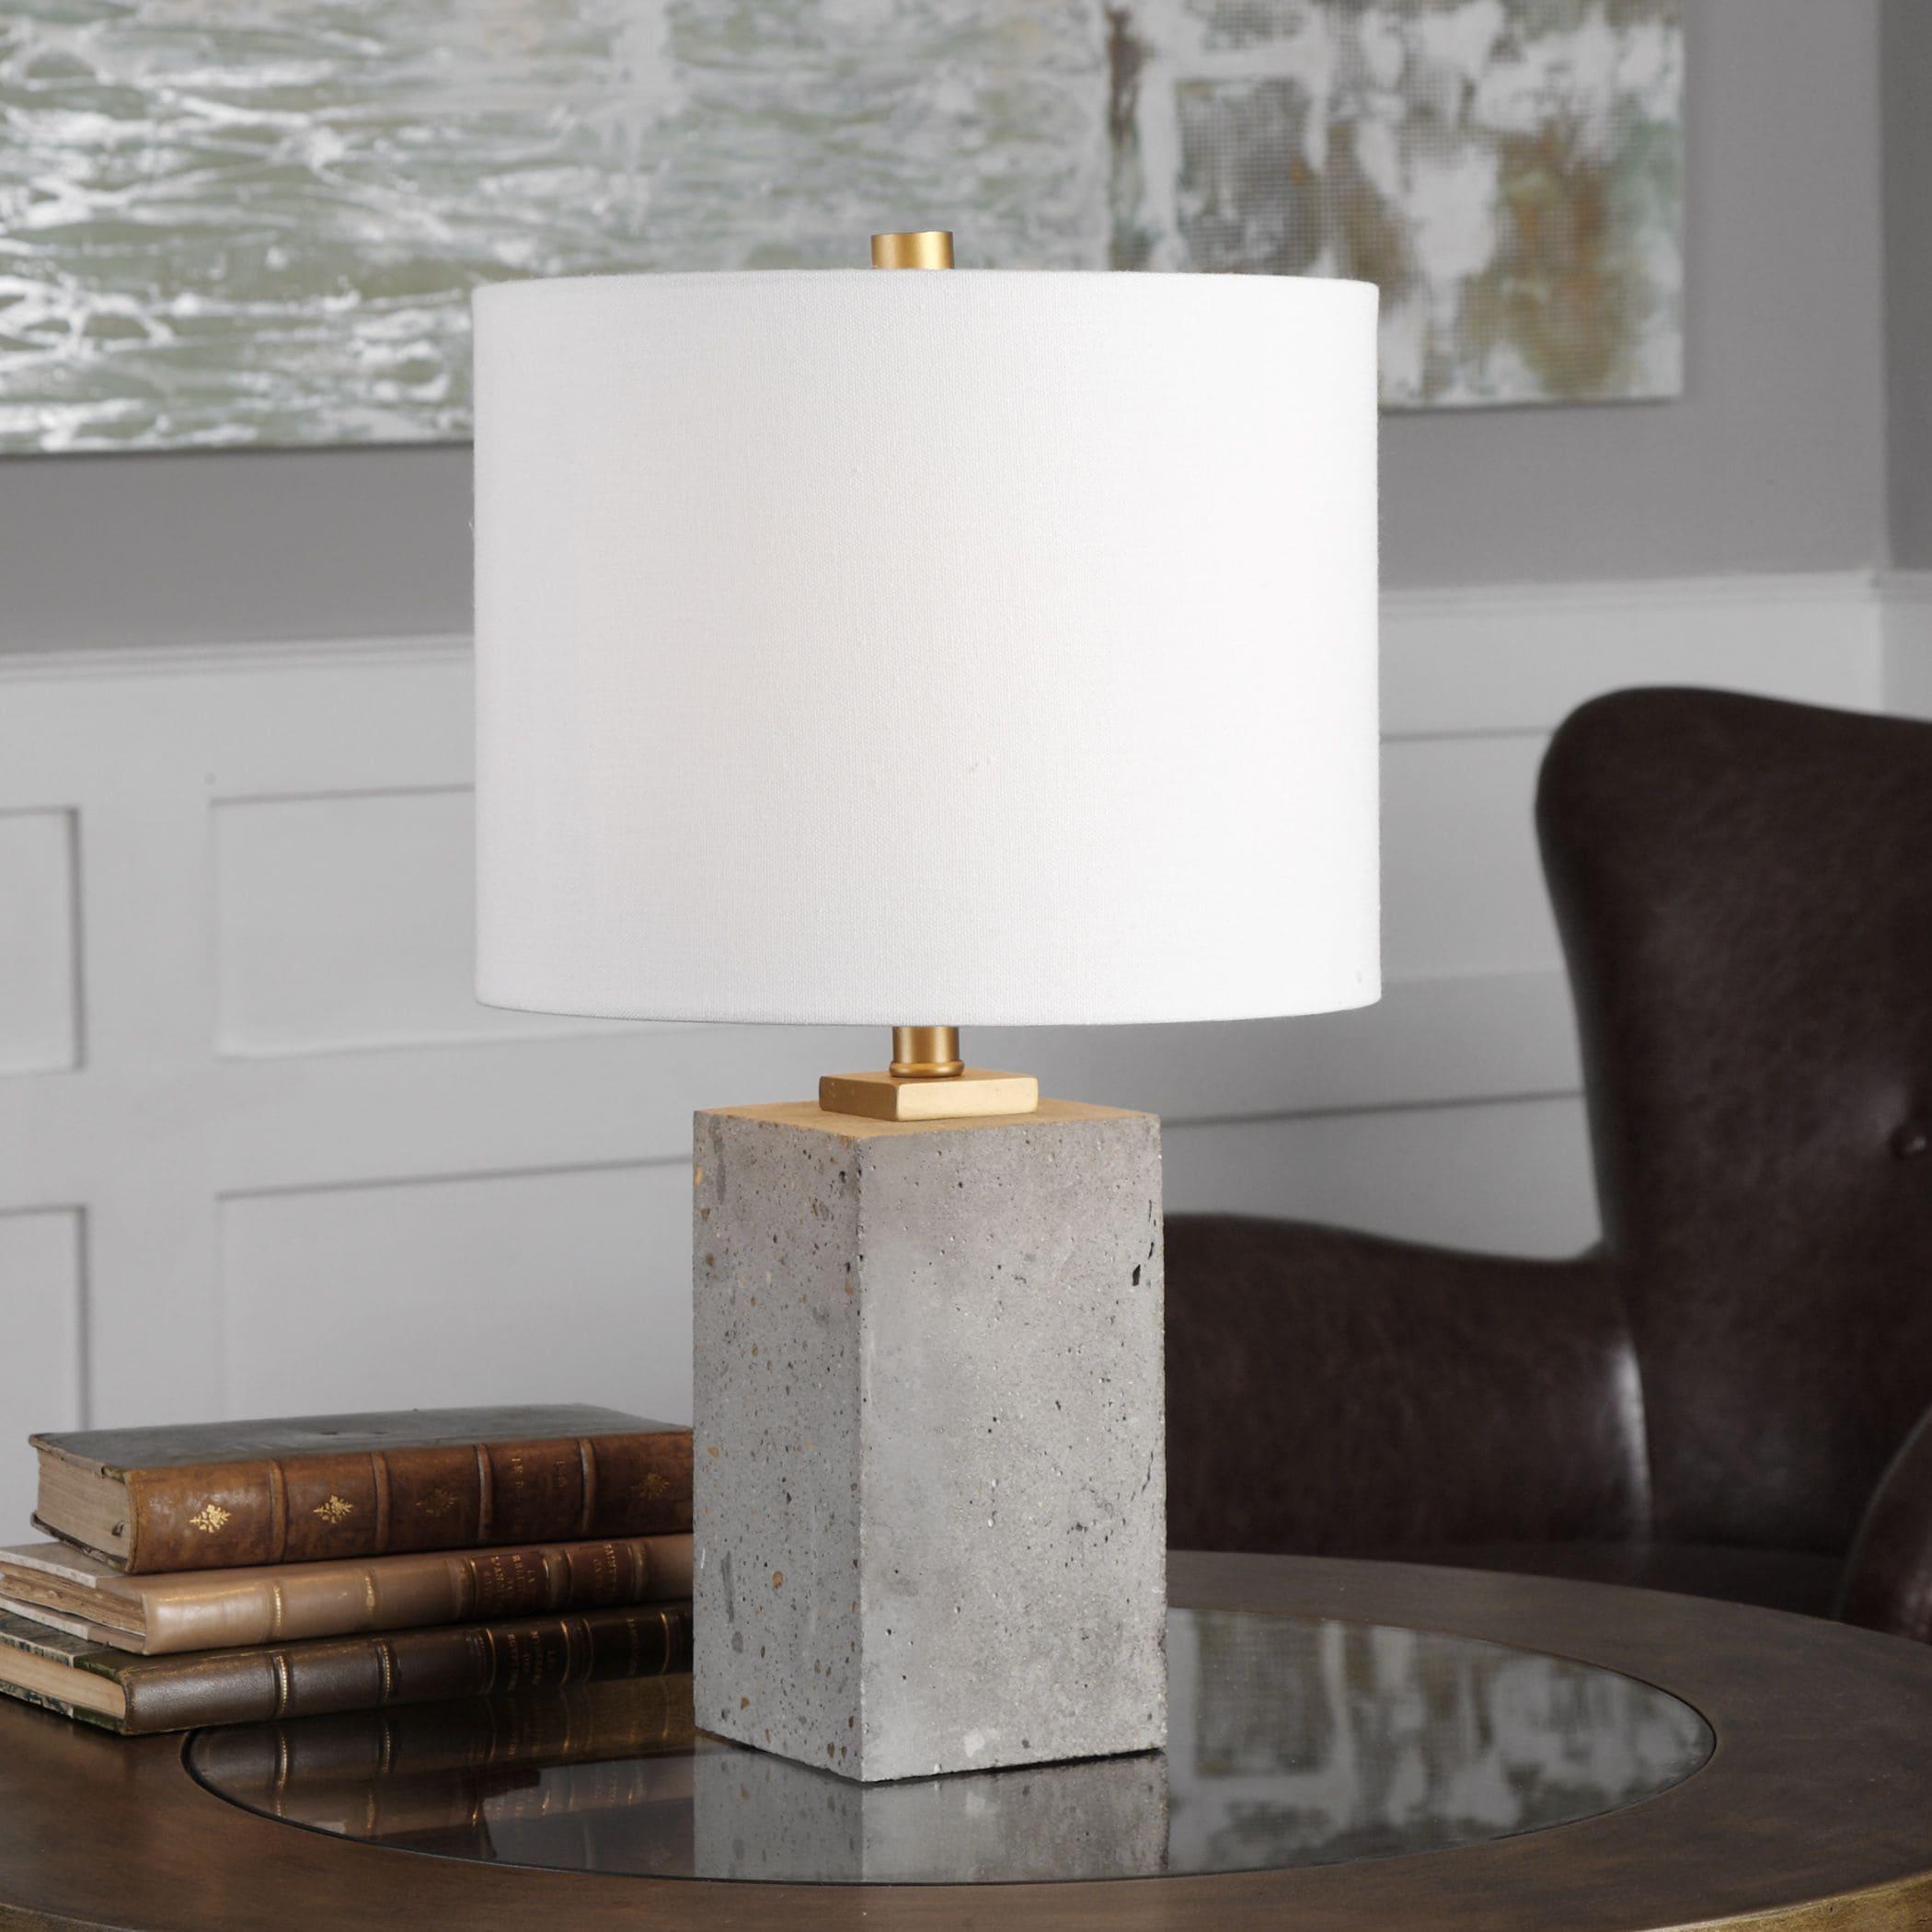 UTTERMOST Drexel Concrete Block Lamp (Table Lamp), Gold